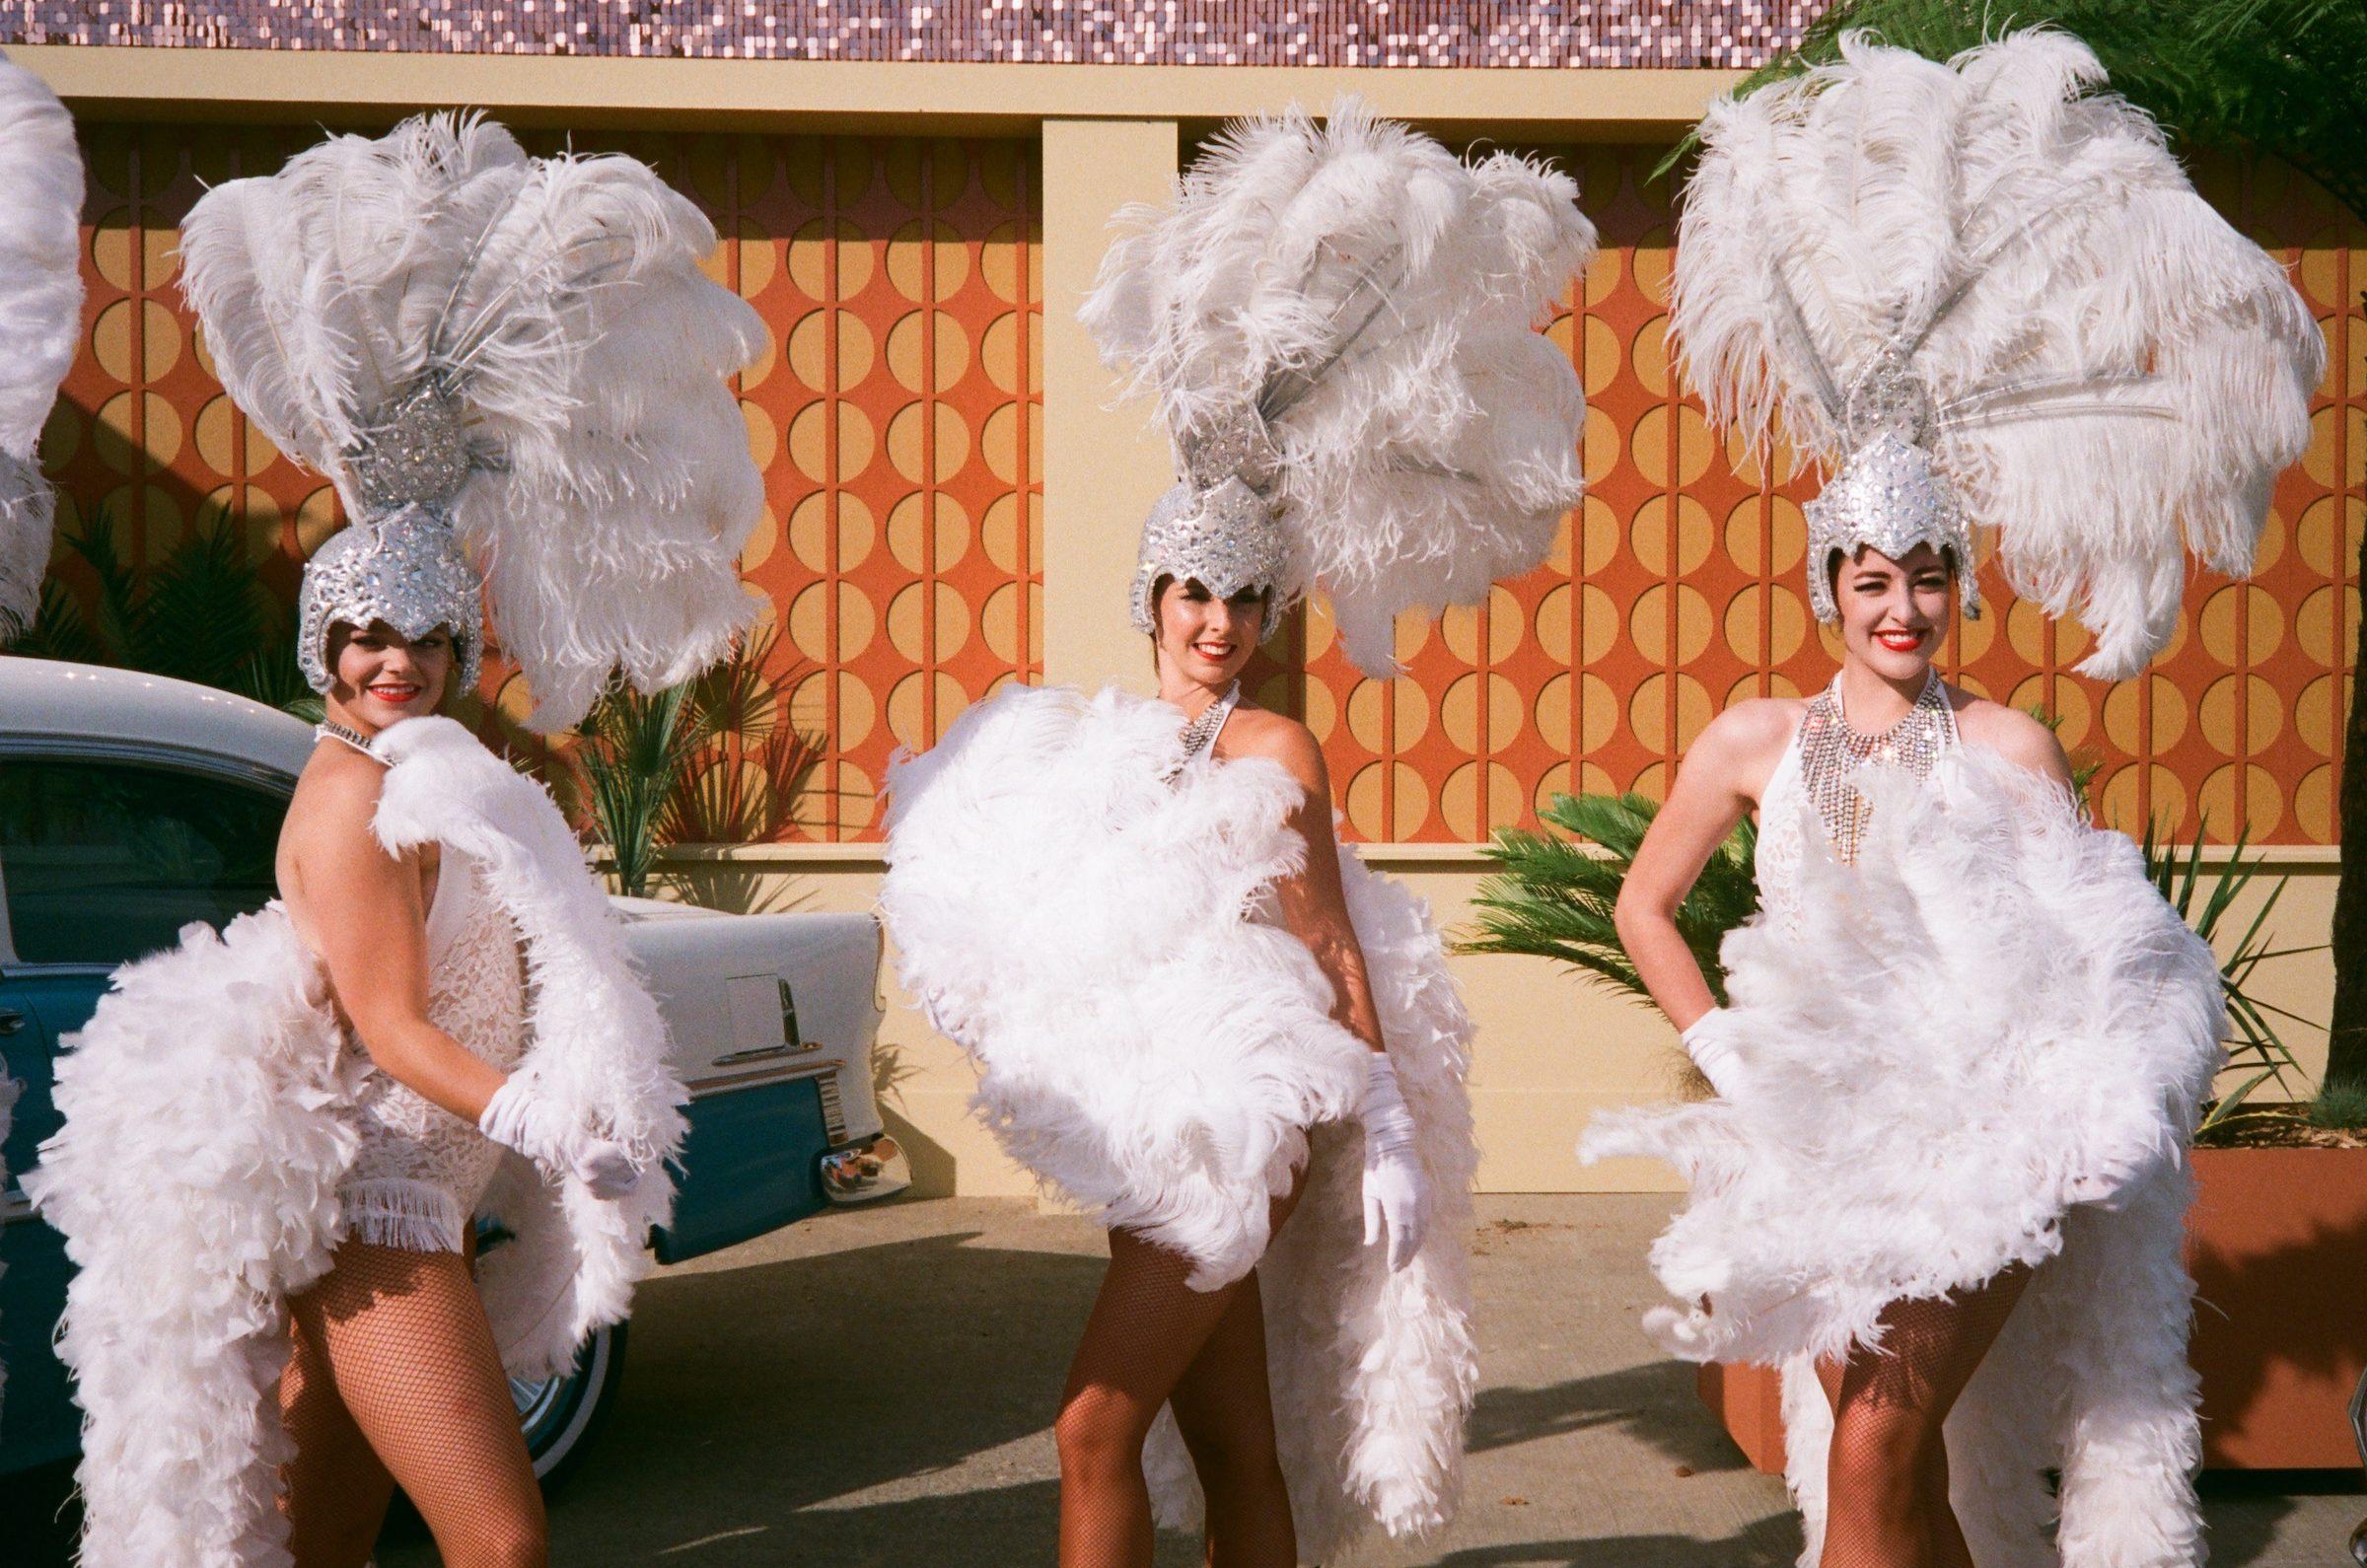 Goodwood Revival film dancers